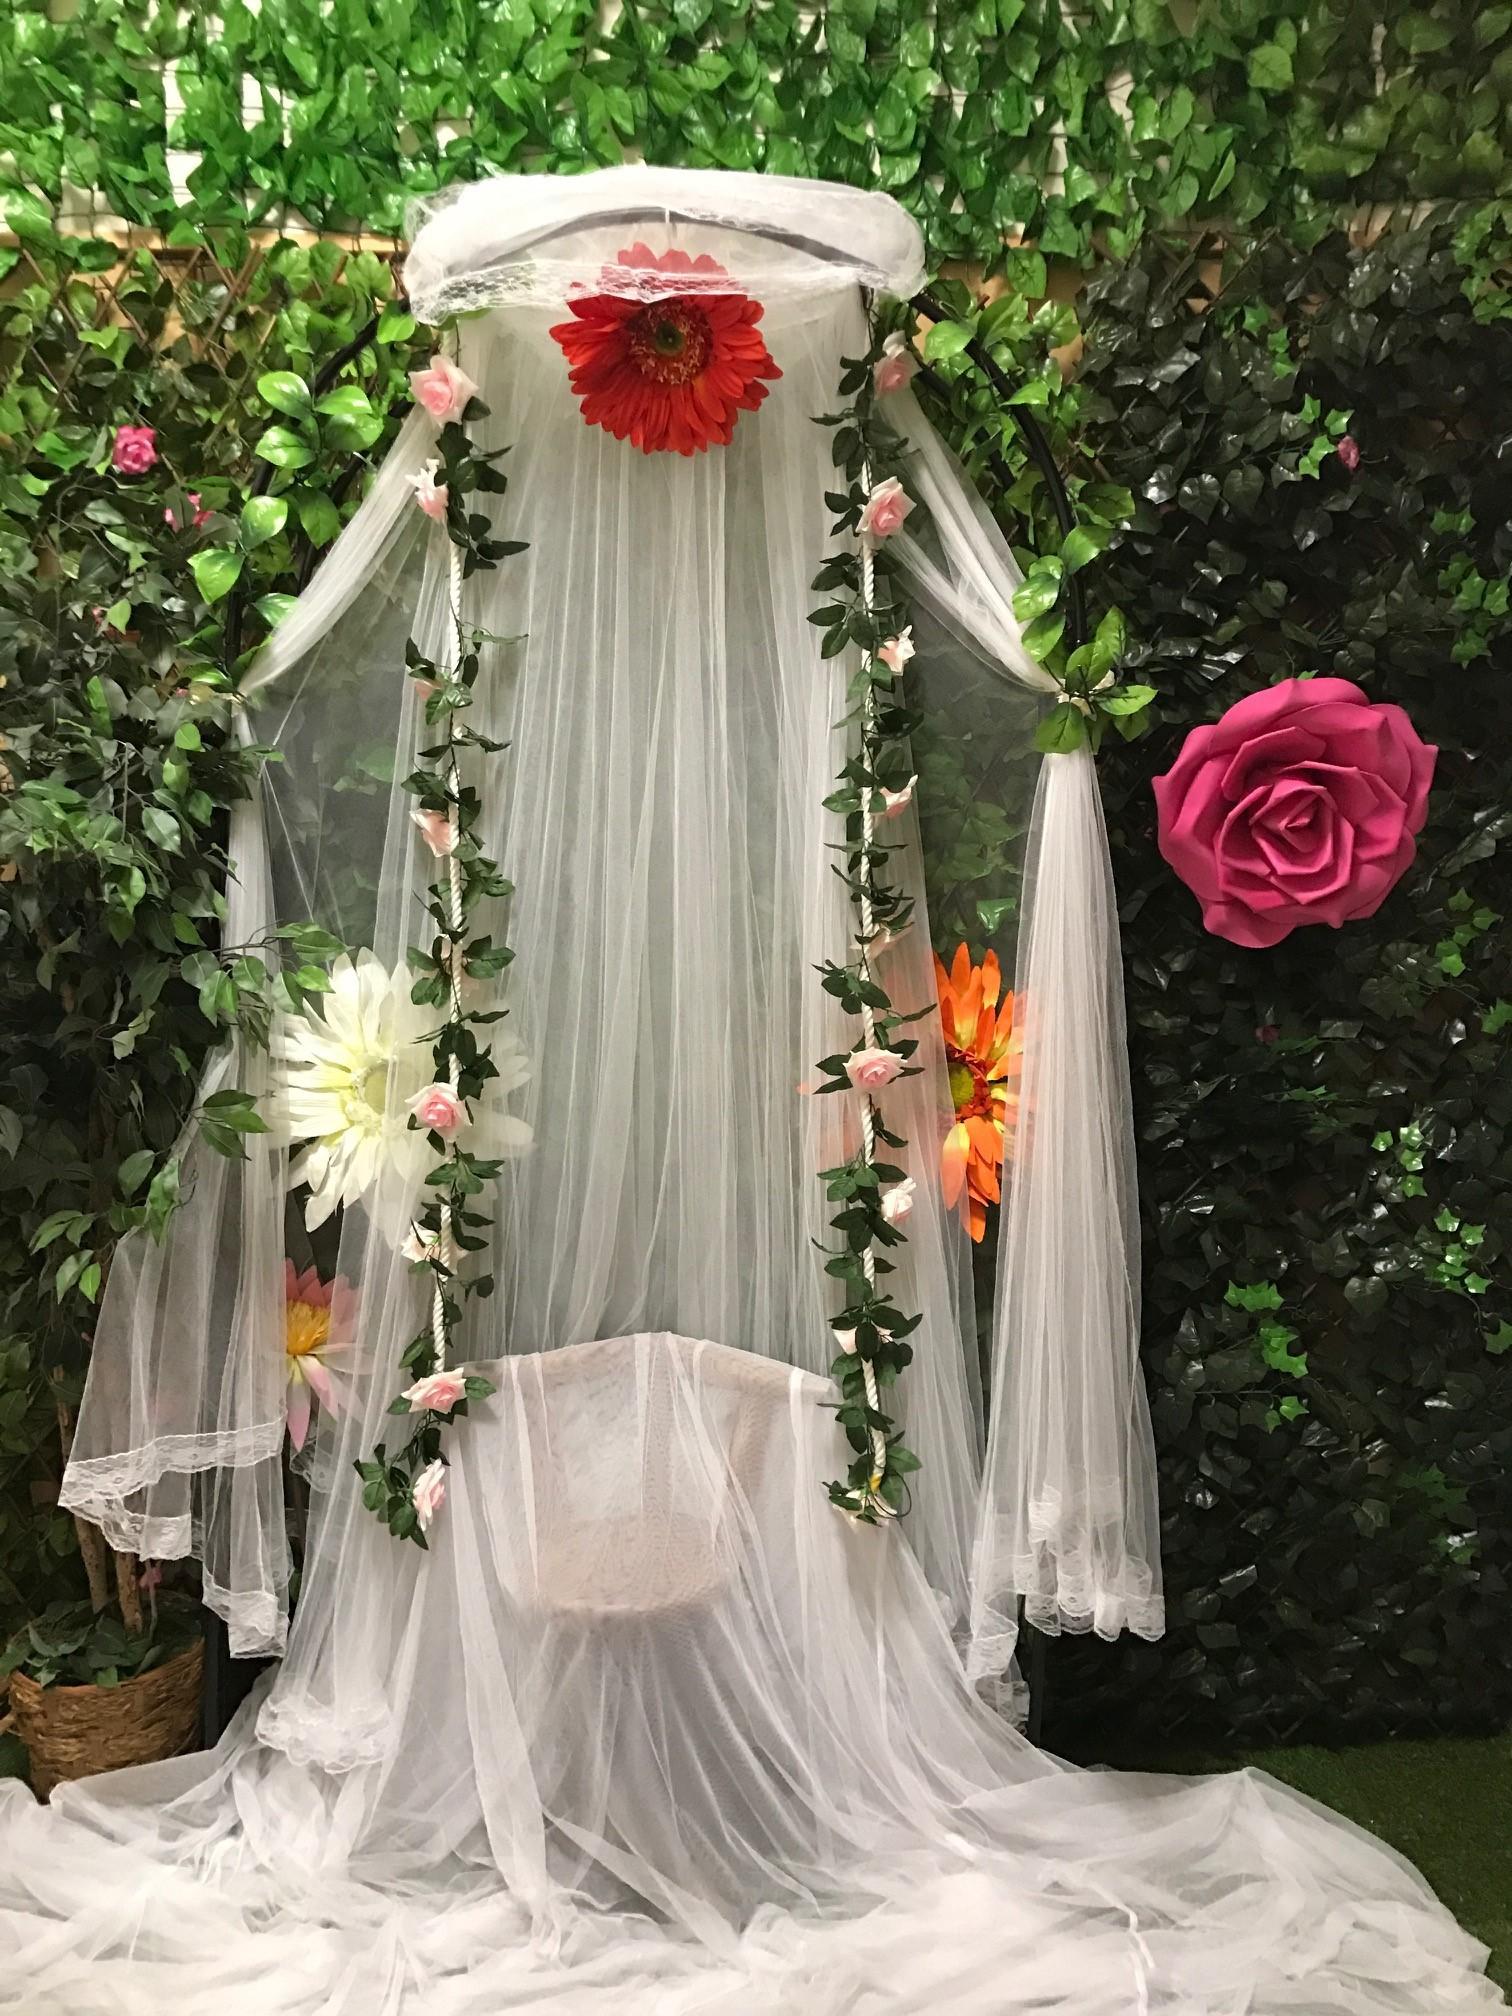 スタジオセット コスプレ ブランコ ゴシック ロココ フランスフェア ドレス 前撮り 成人式 マツコ会議